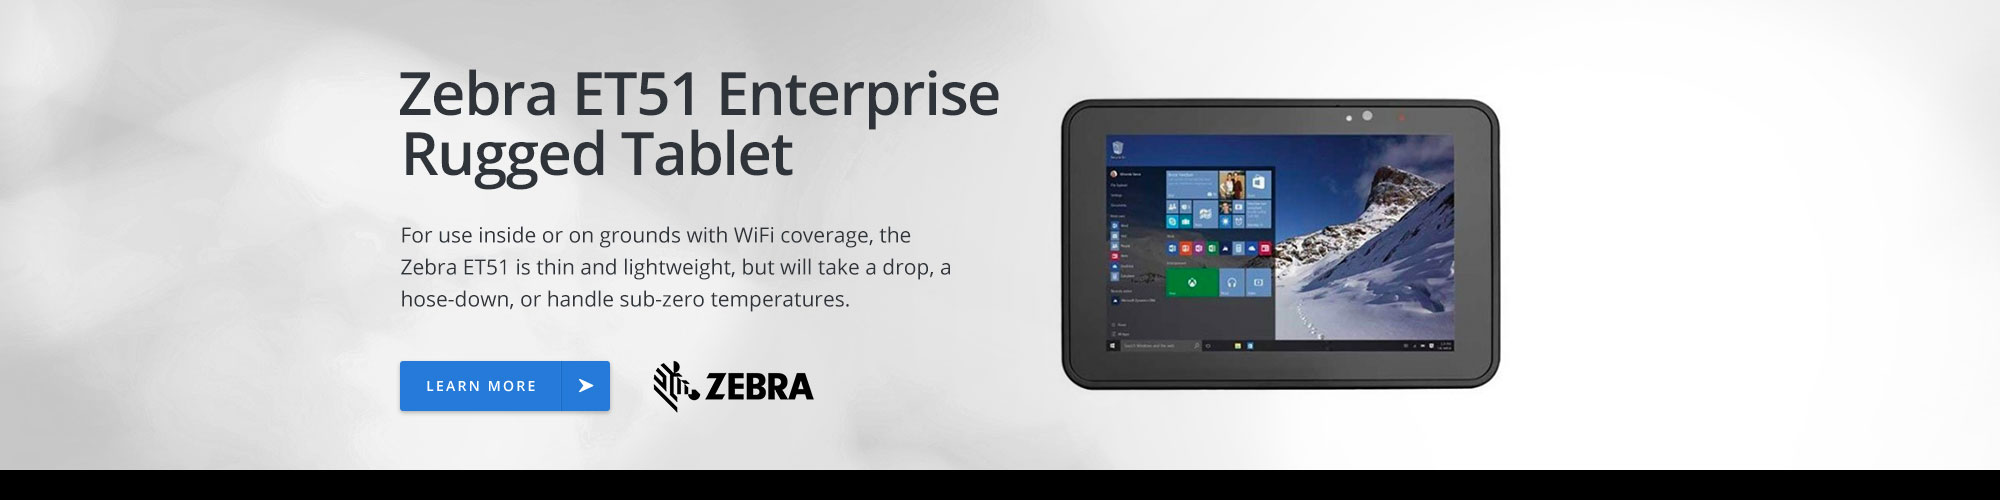 Zebra ET51 Enterprise Rugged Tablet